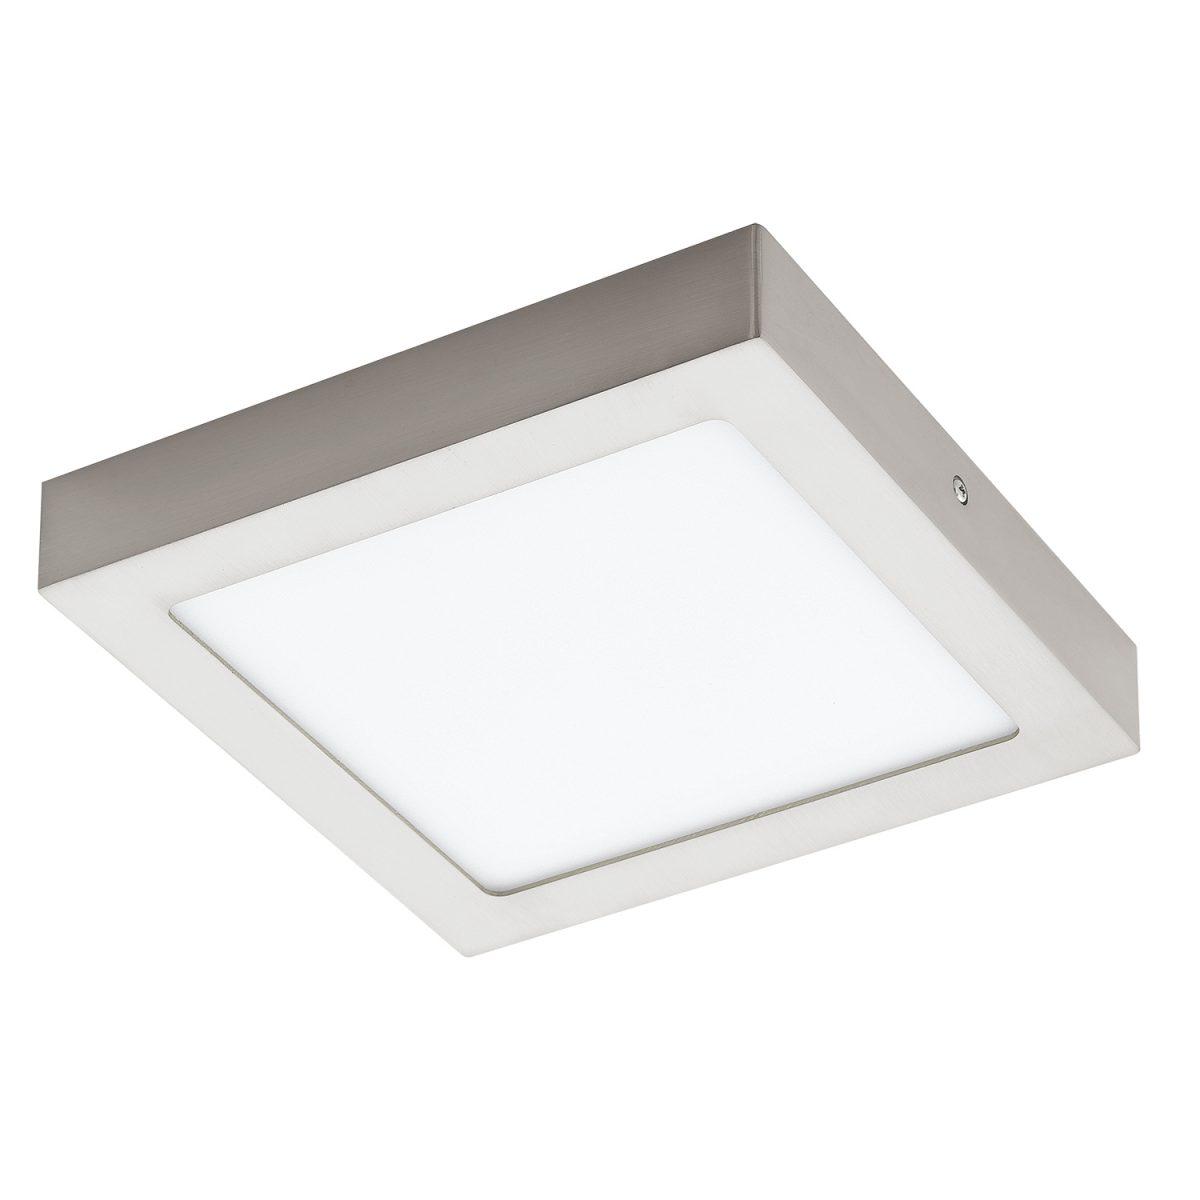 Светильник настенно-потолочный FUEVA 1 EGLO 32445 - Фото №28